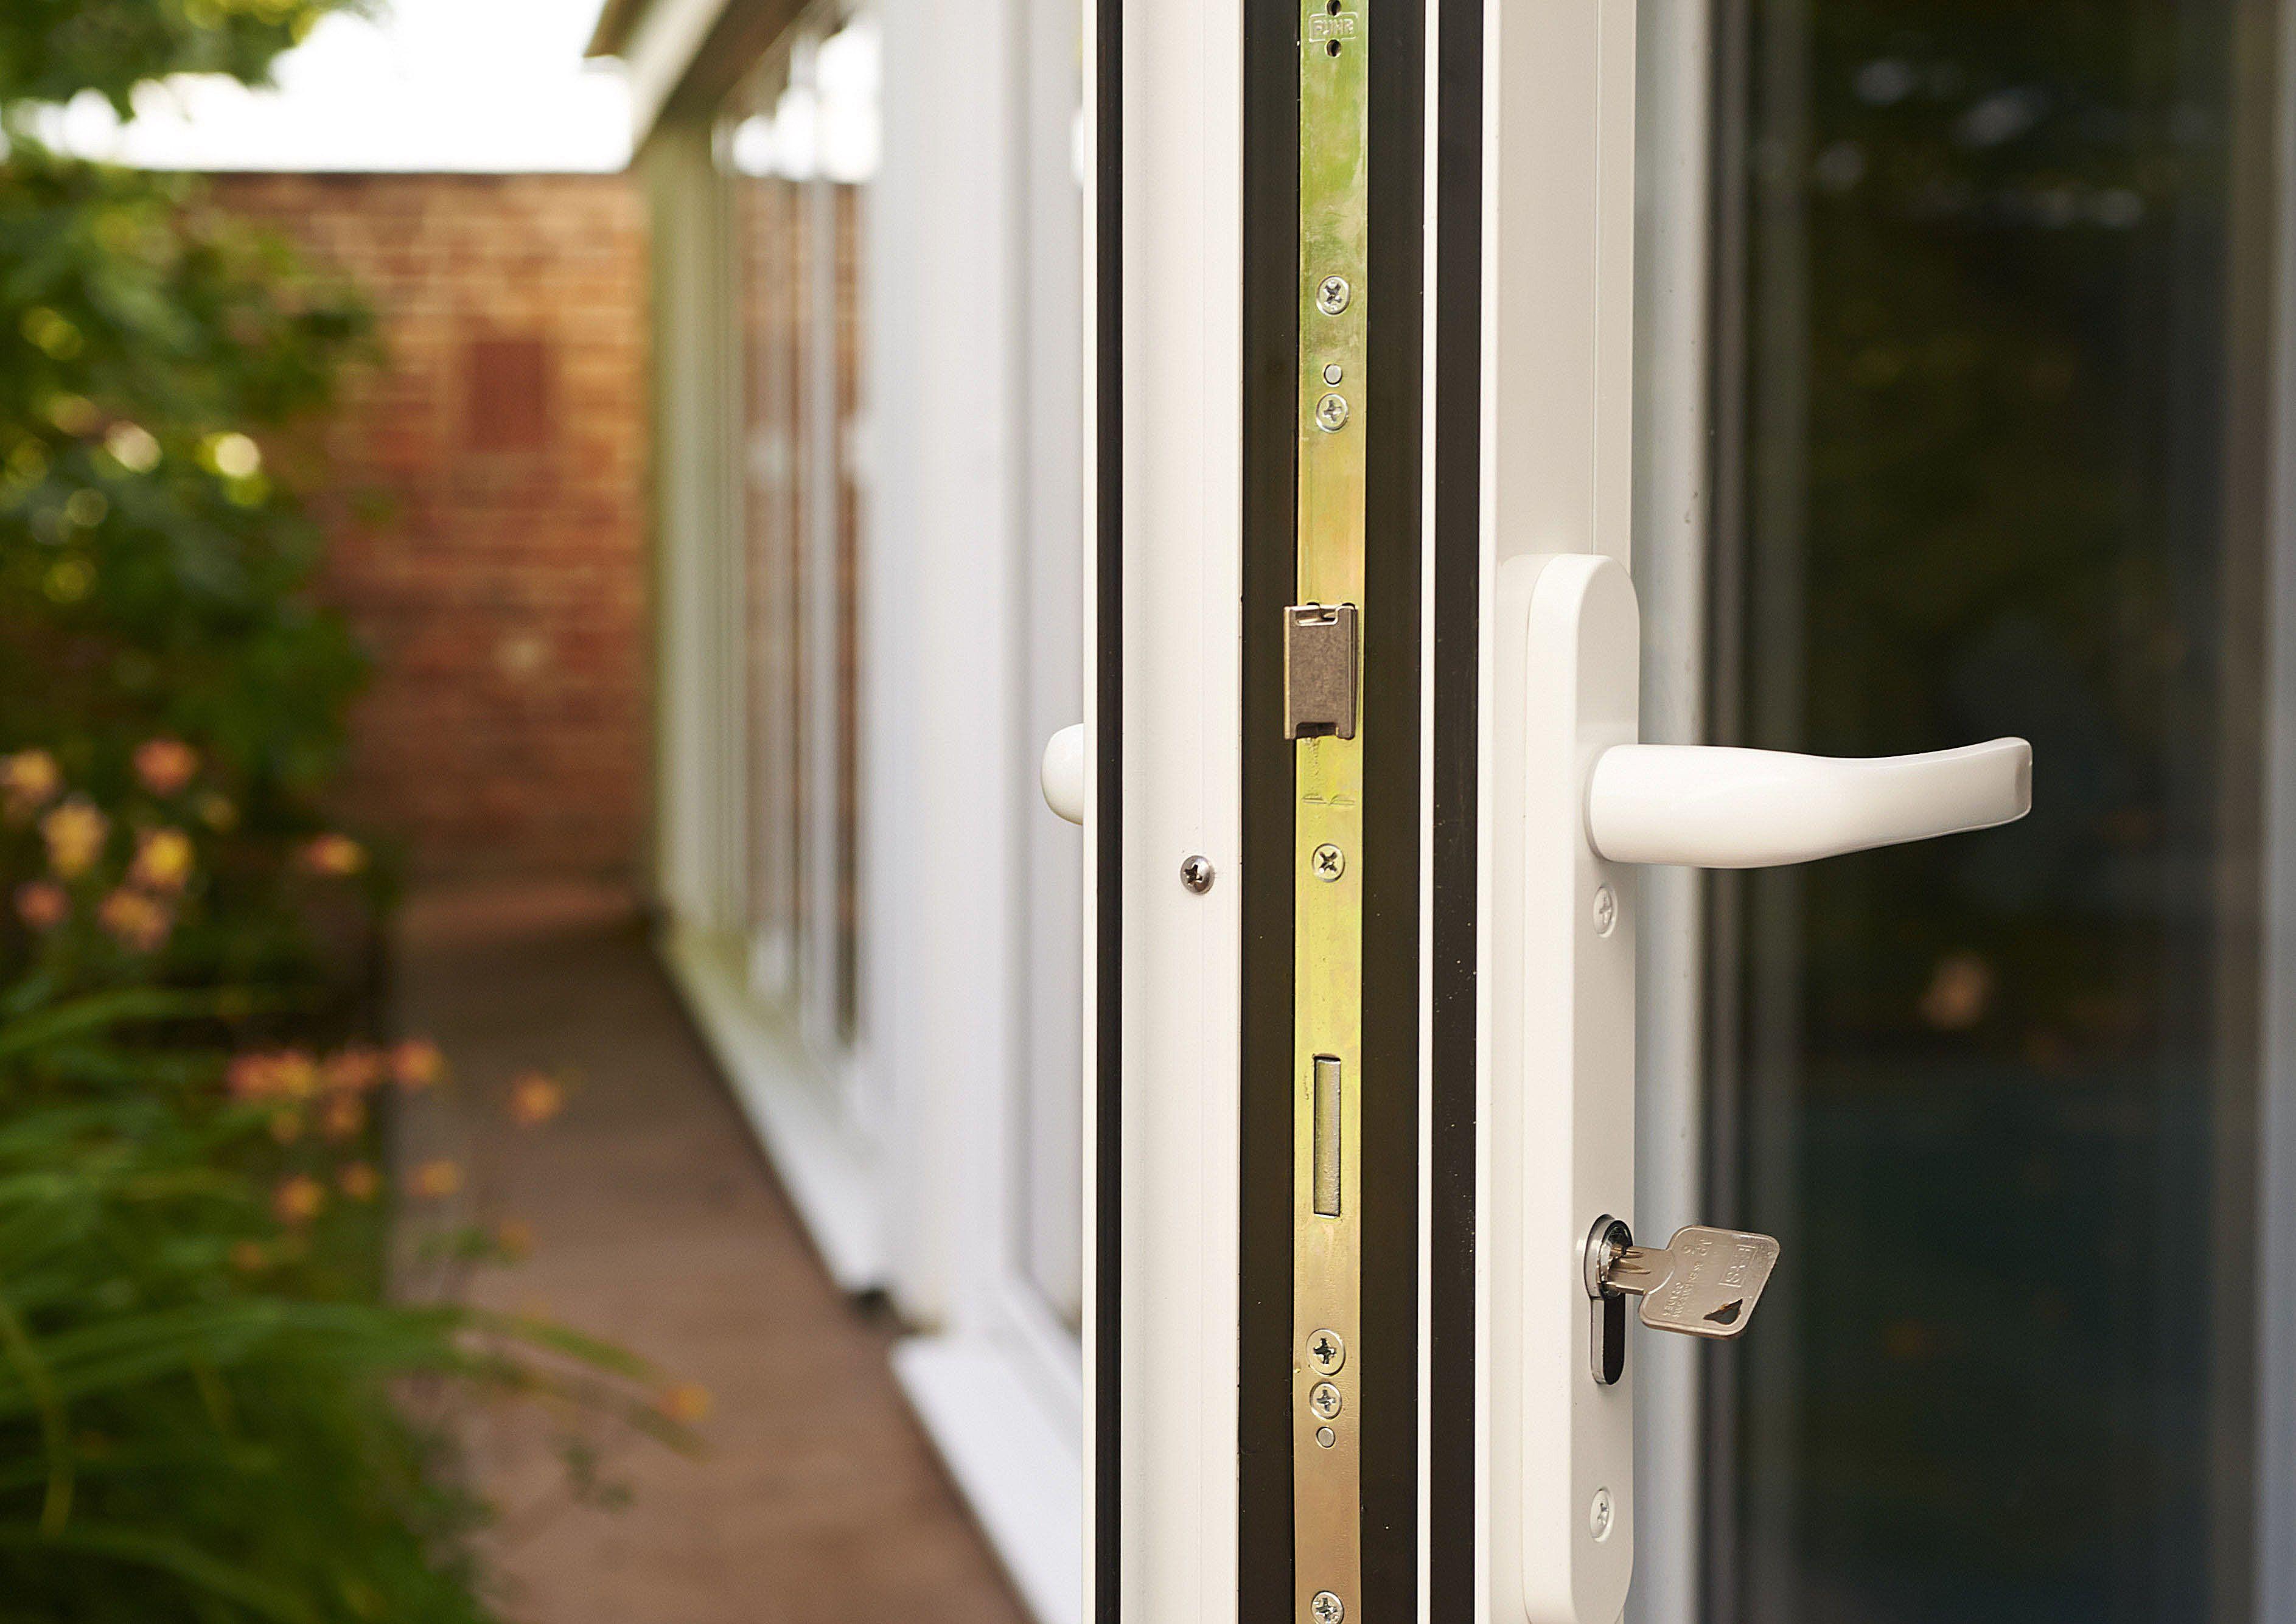 Stunning Aluminium Bi Folding Doors From Bi Folding Door Prices Design Price And Order Instantly Online Available Wit Bifold Doors Doors Sliding Door Panels